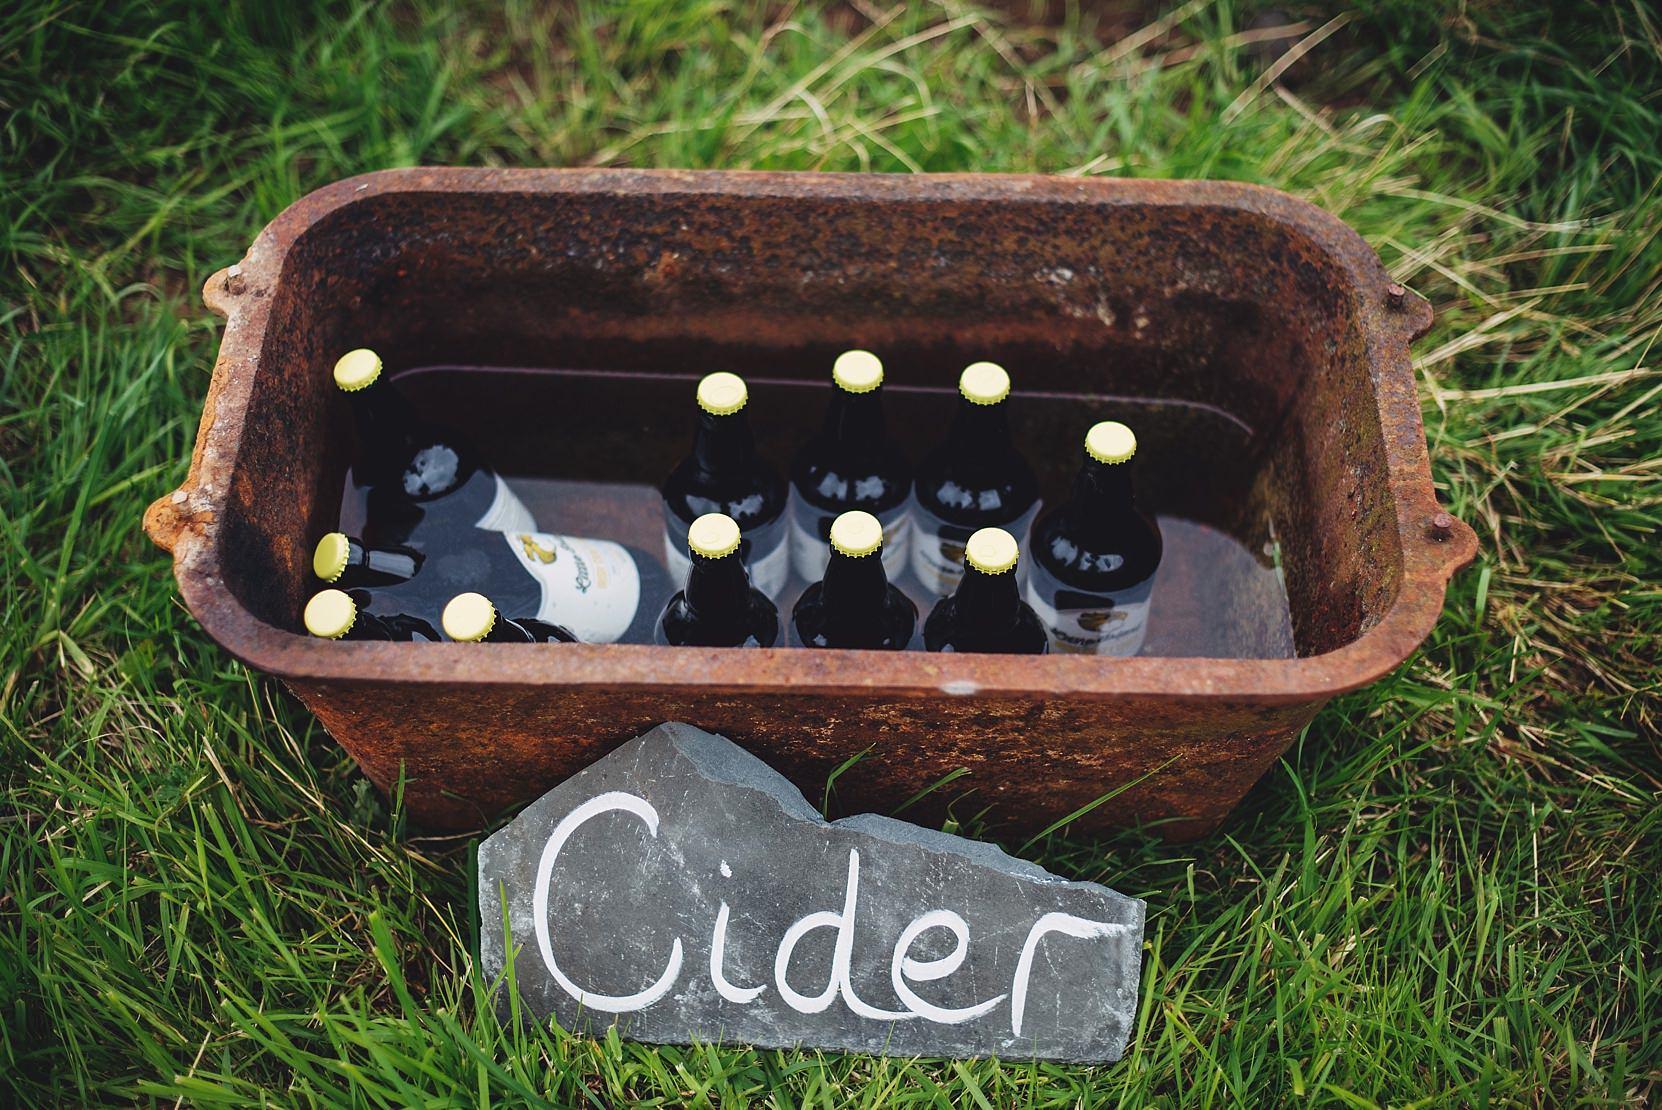 cider in a trough